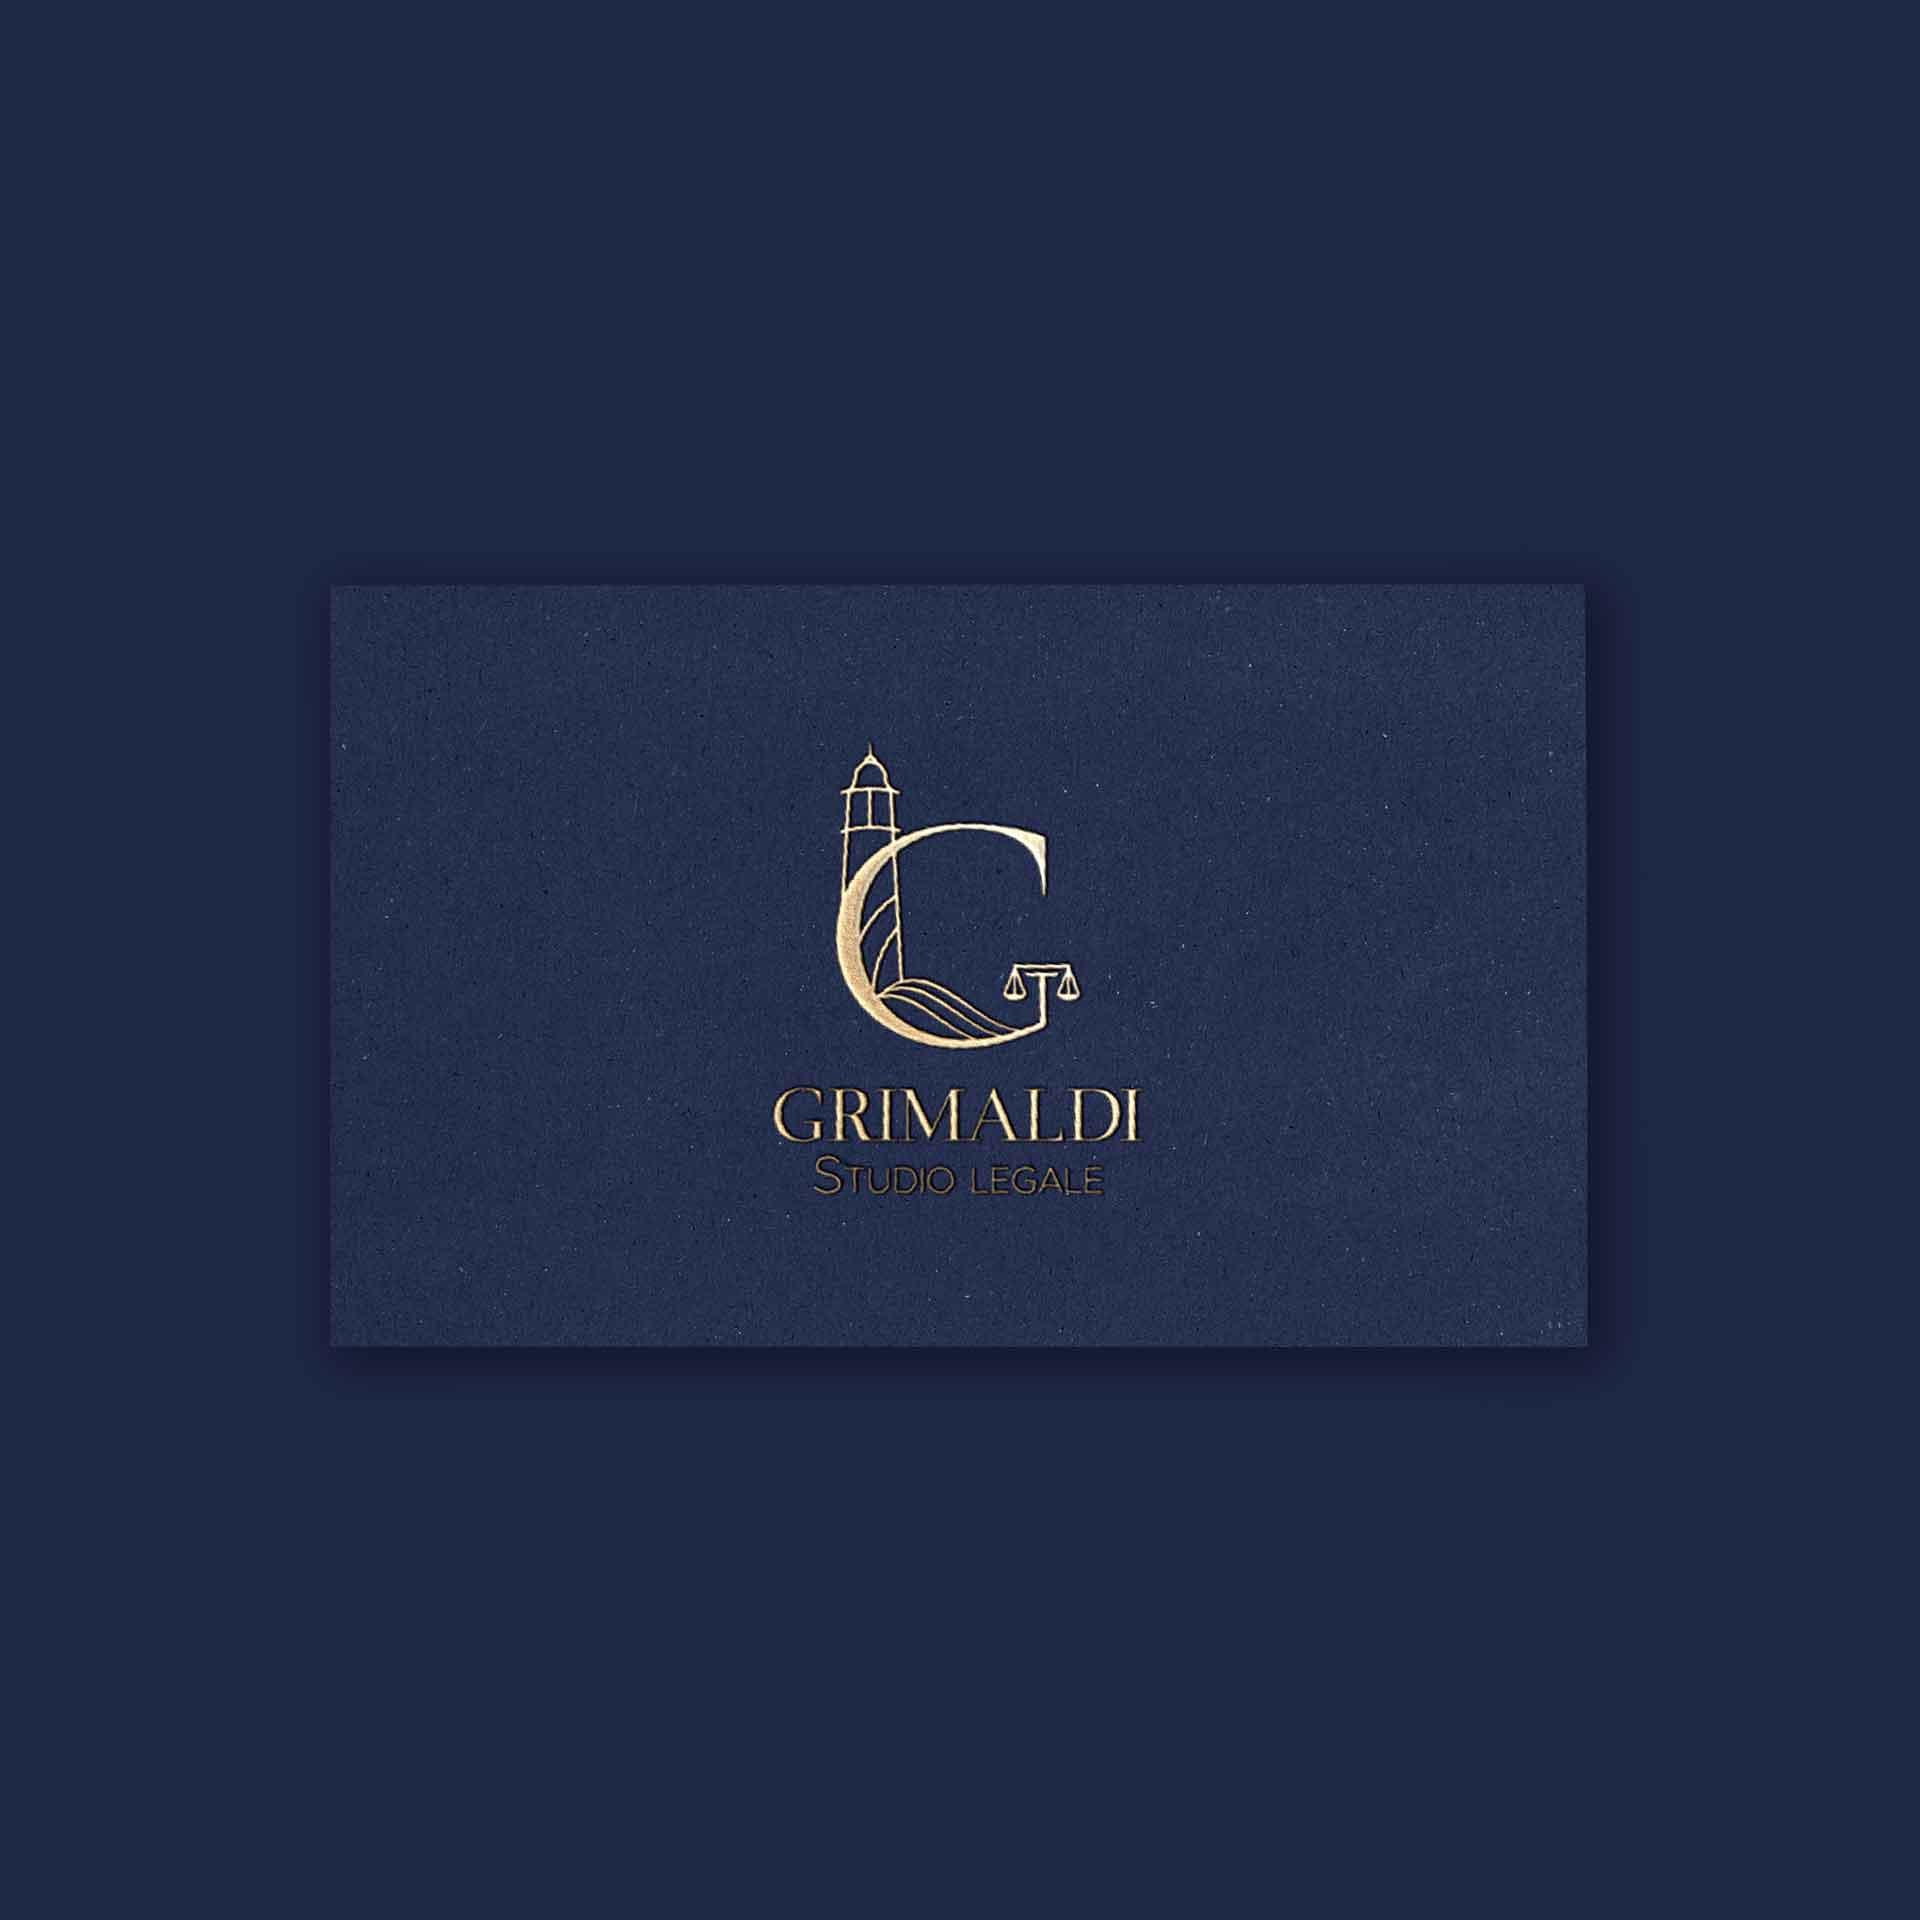 lv-design-realizzazione-siti-web-bologna-portfolio-grafica-studio-legale-grimaldi-slide-2